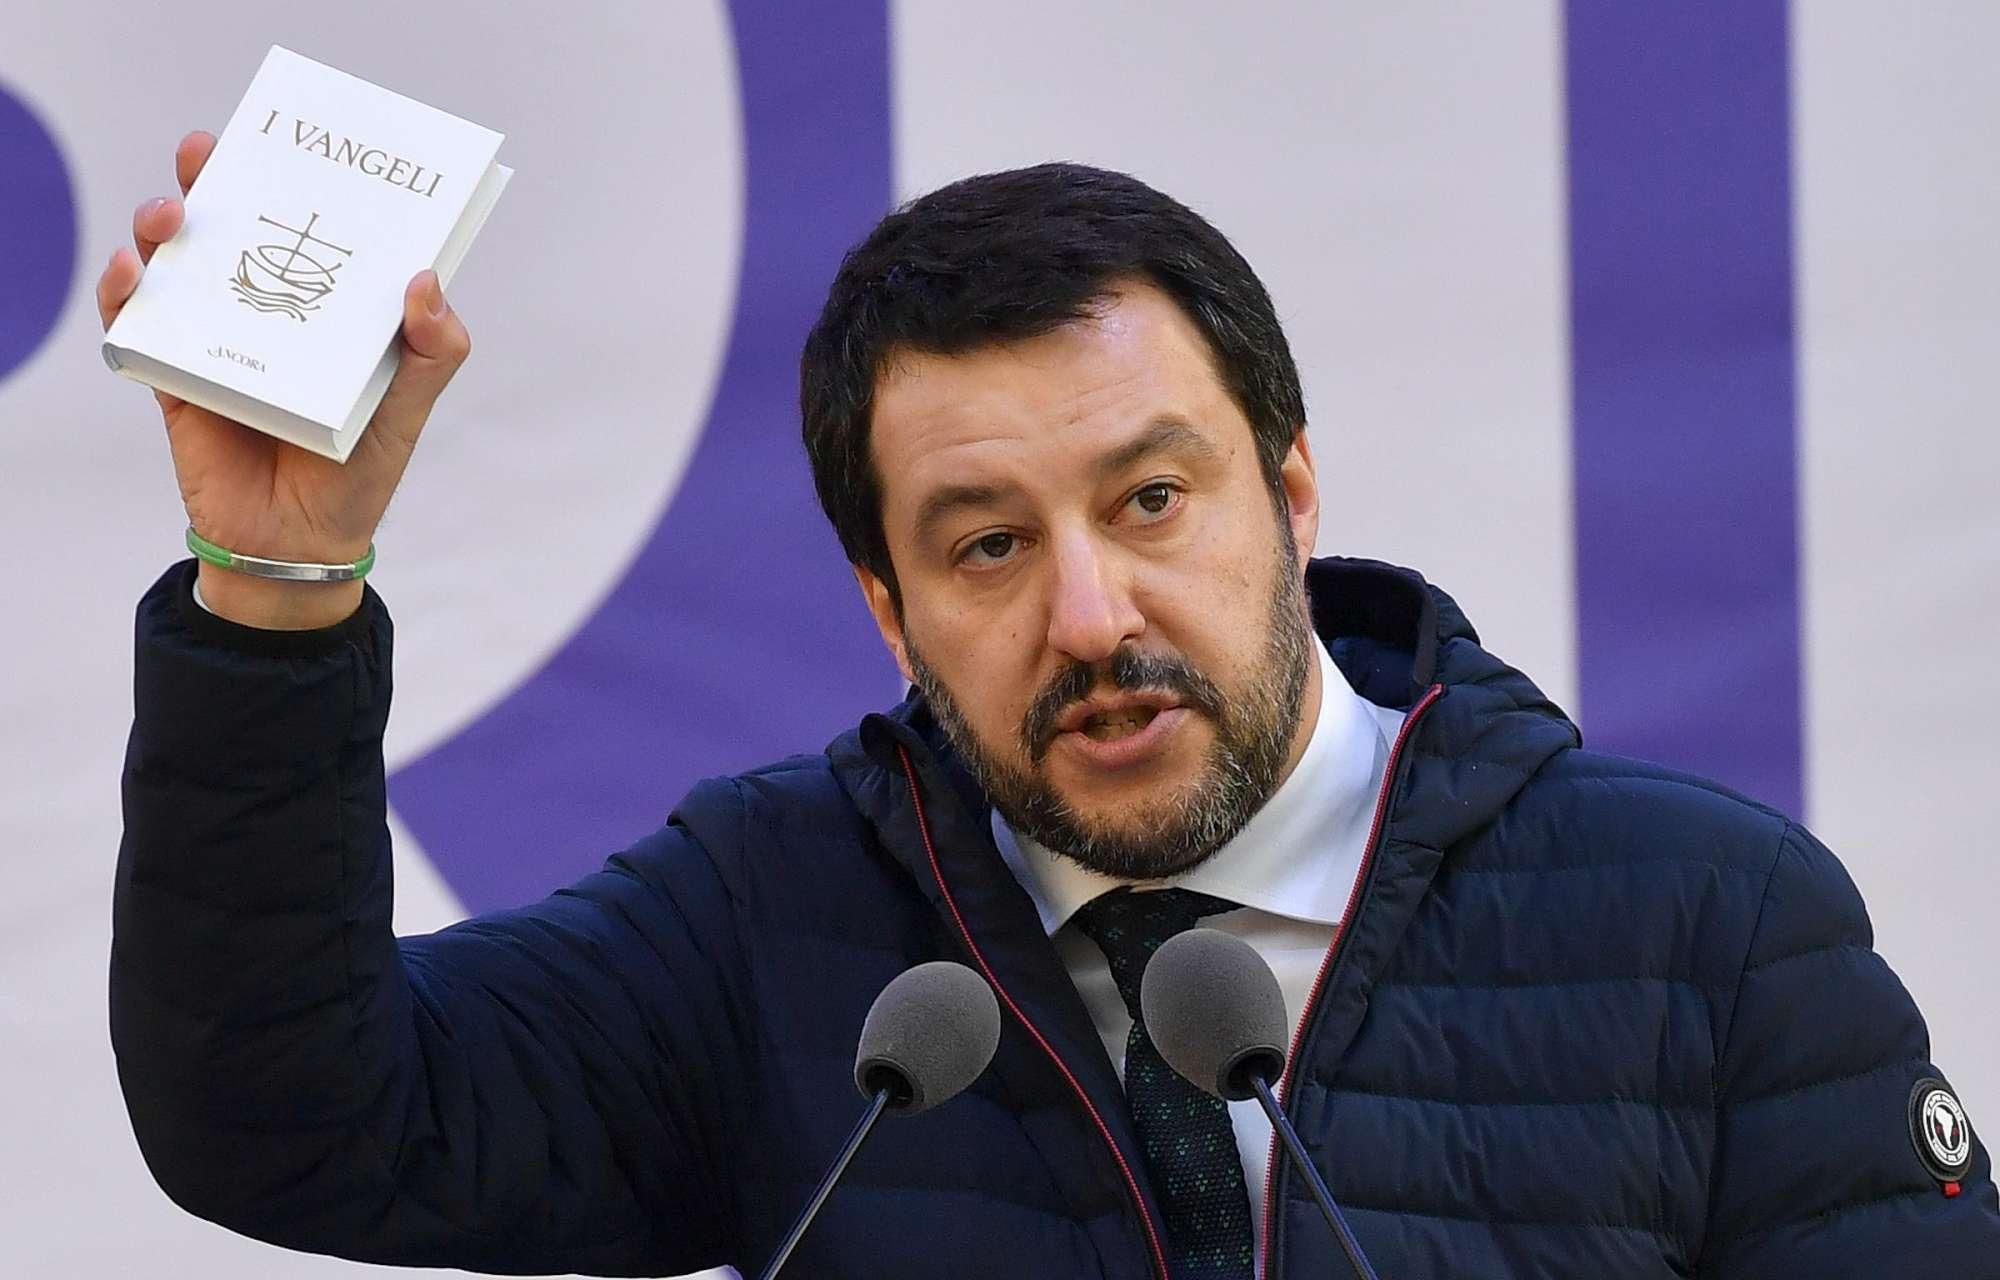 Elezioni, Salvini giura sul Vangelo e col rosario in mano:  Rispetterò la Costituzione